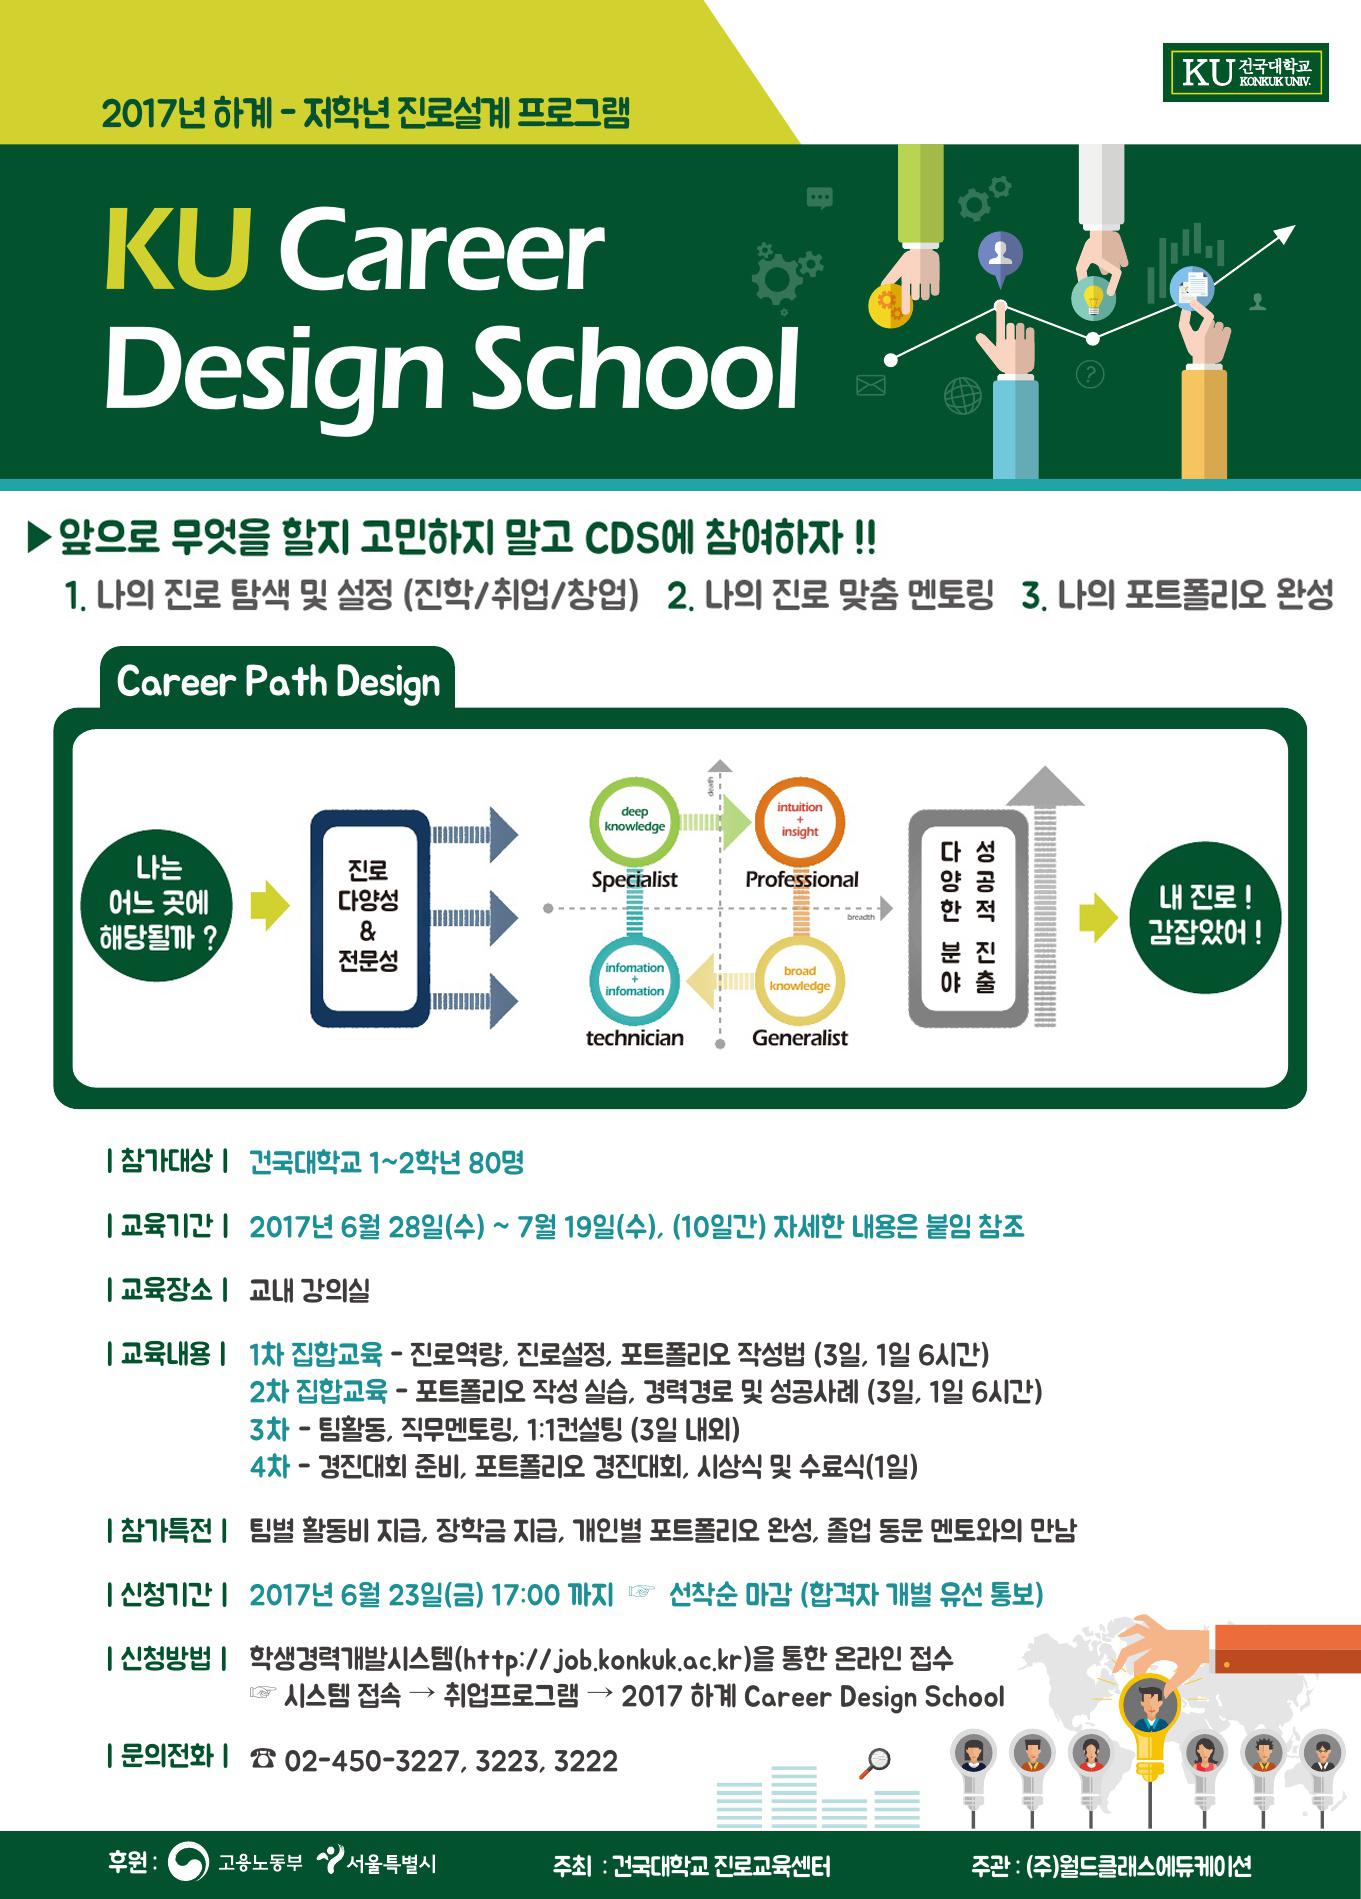 [붙임1] 2017 하계 Career Design School 홍보물.jpg